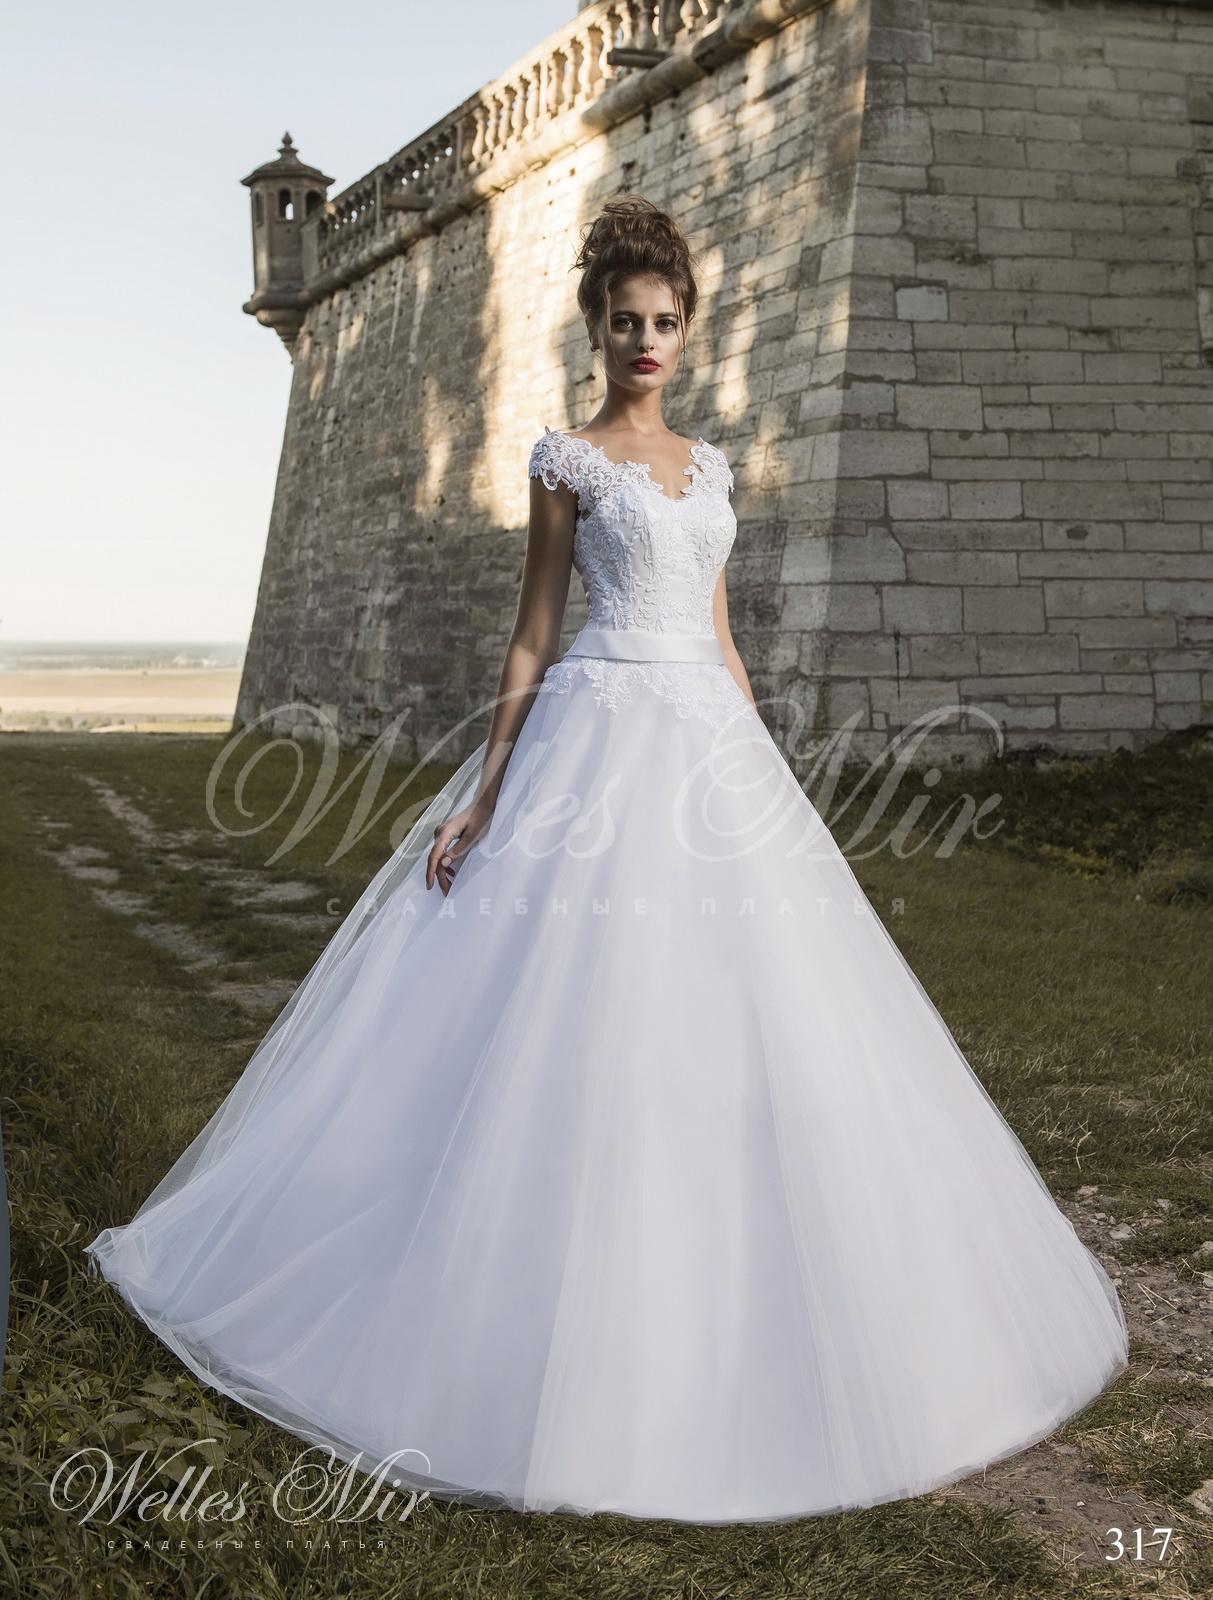 Свадебные платья Exquisite Collection - 317